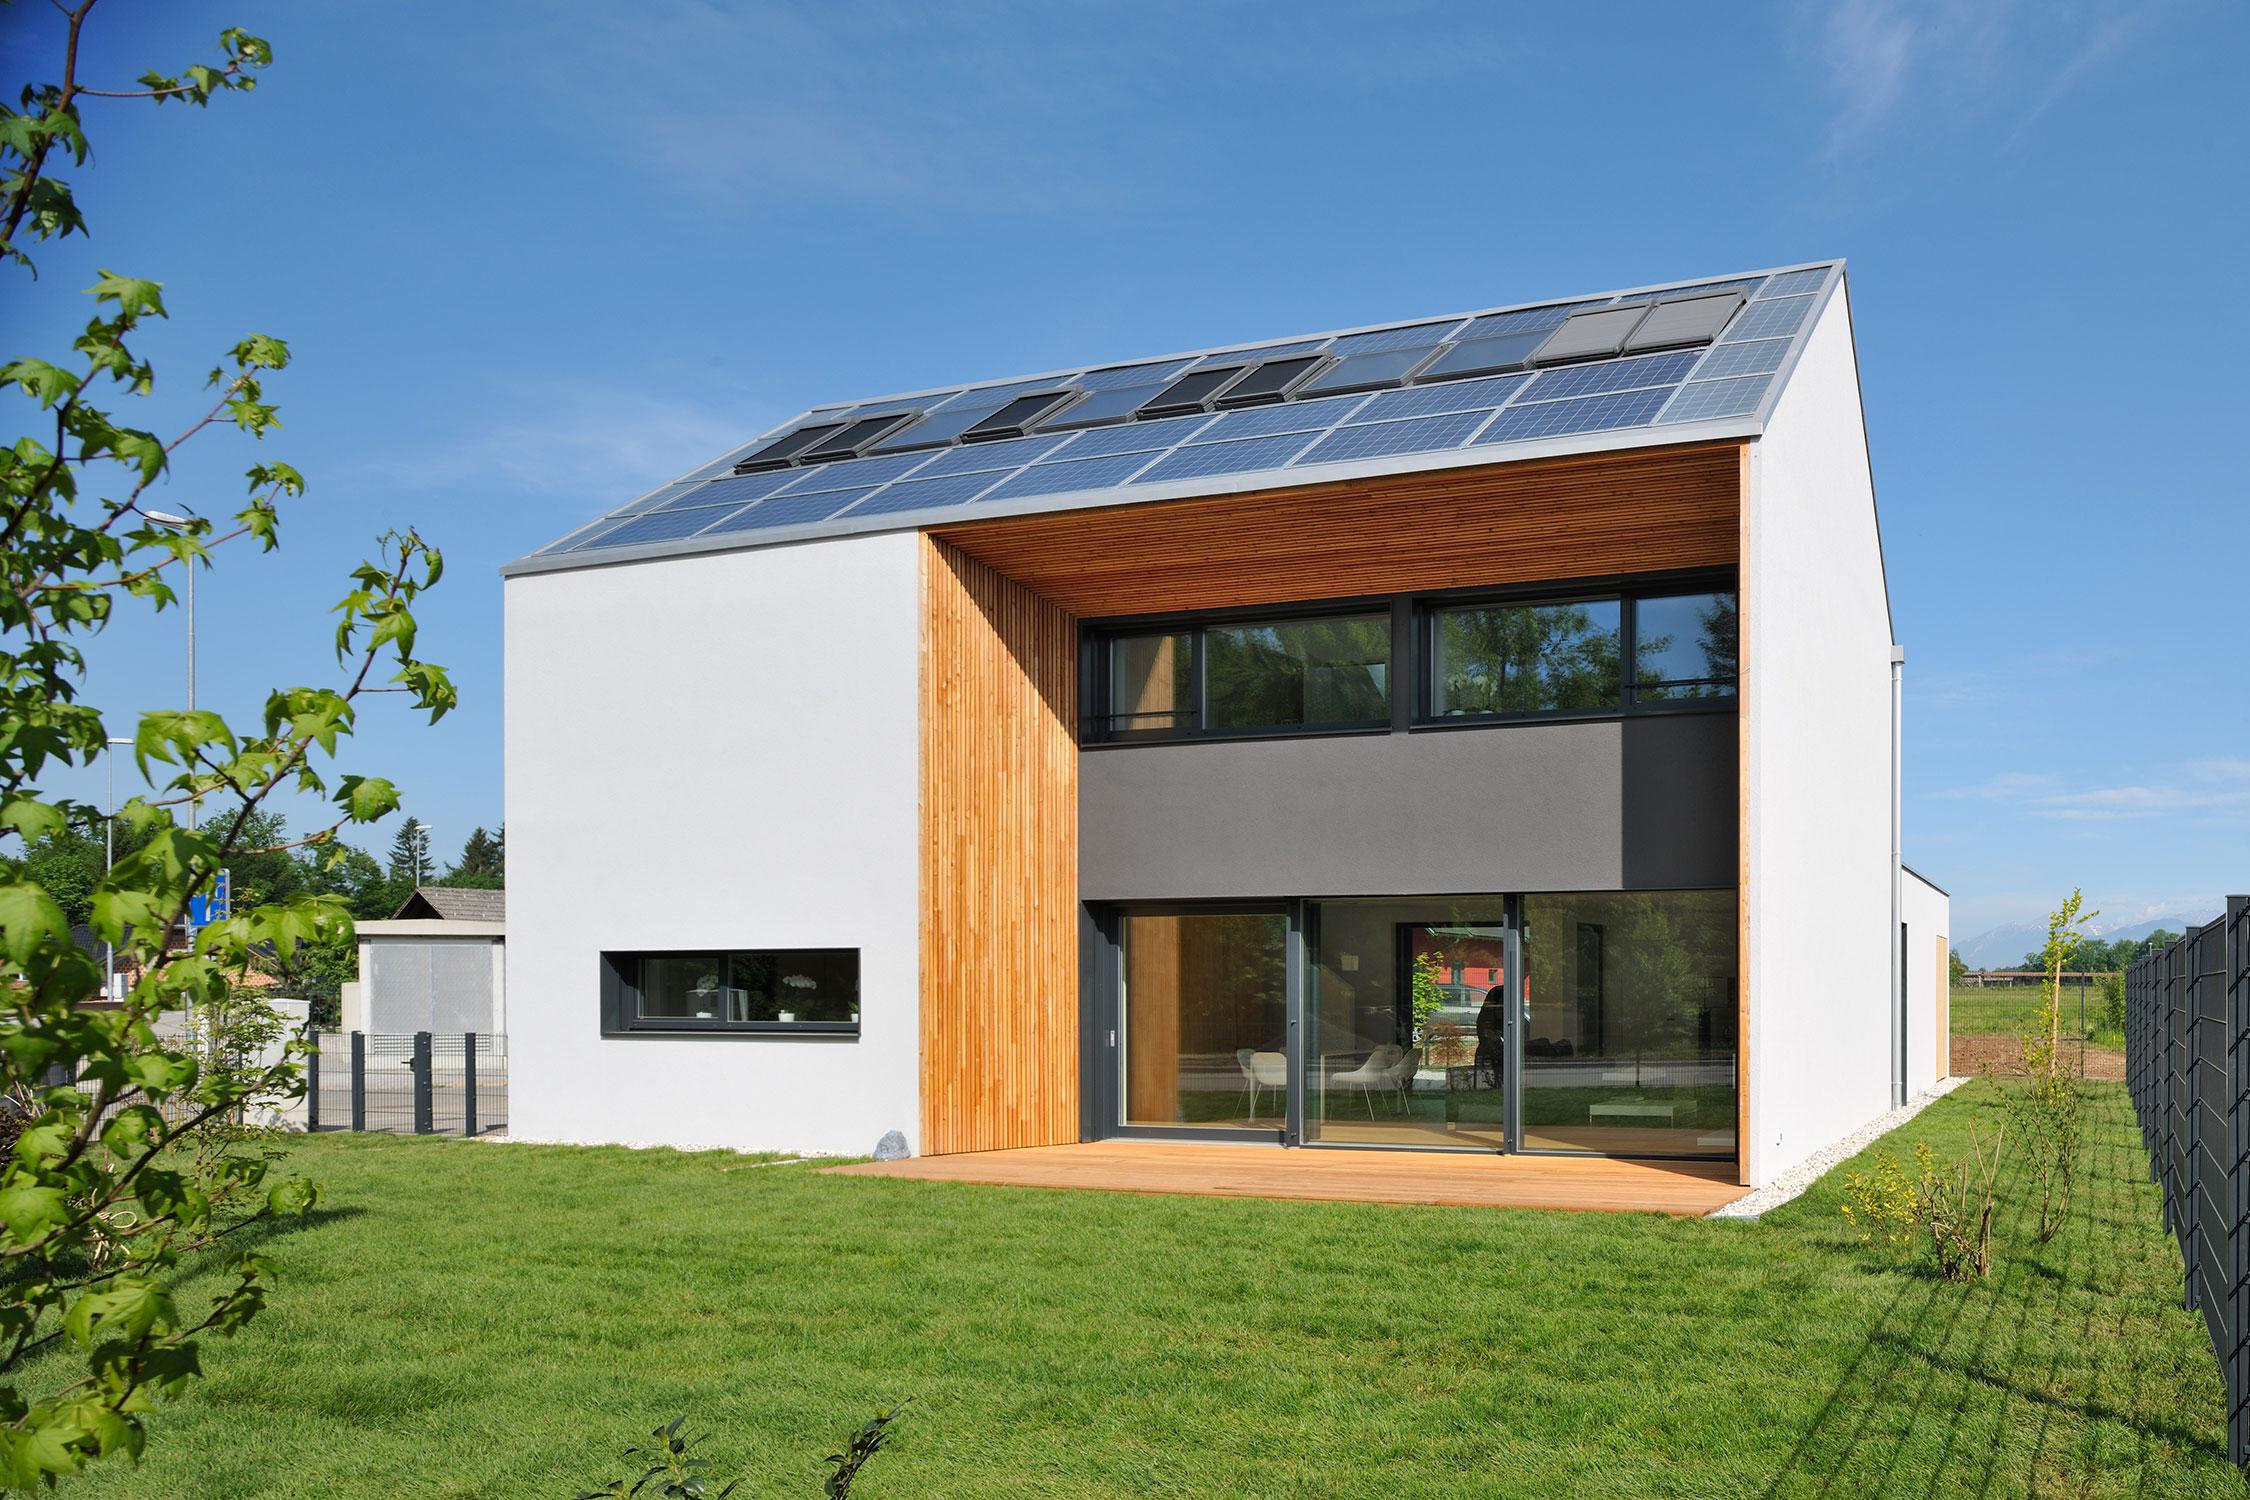 Steklene površine na južni strani objekta in fotovoltaična elektrarna na strehi.